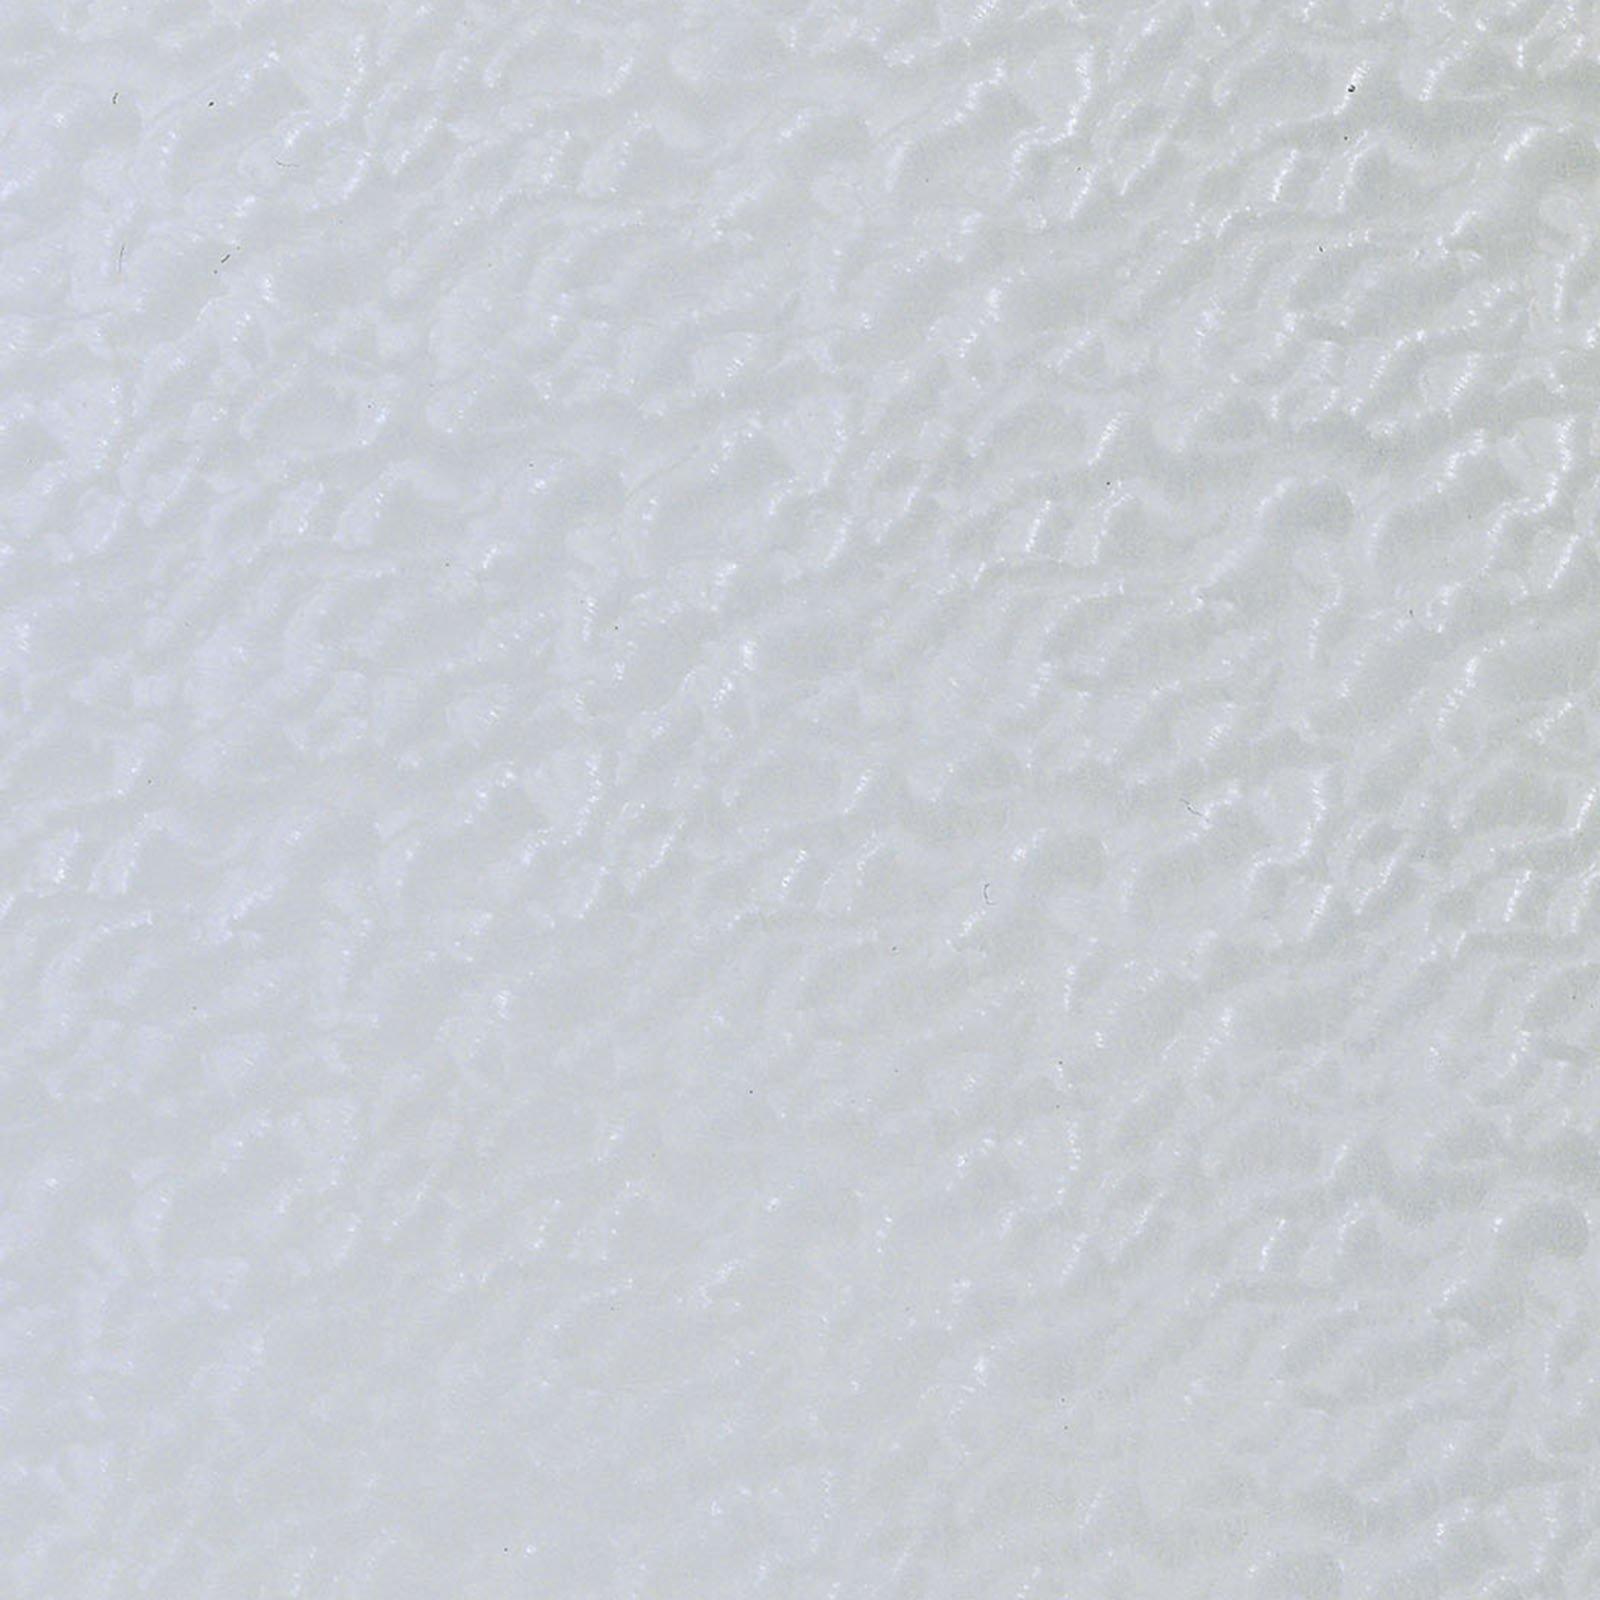 d-c fix Glasfolie SNOW - Sichtschutz - 45x200 cm